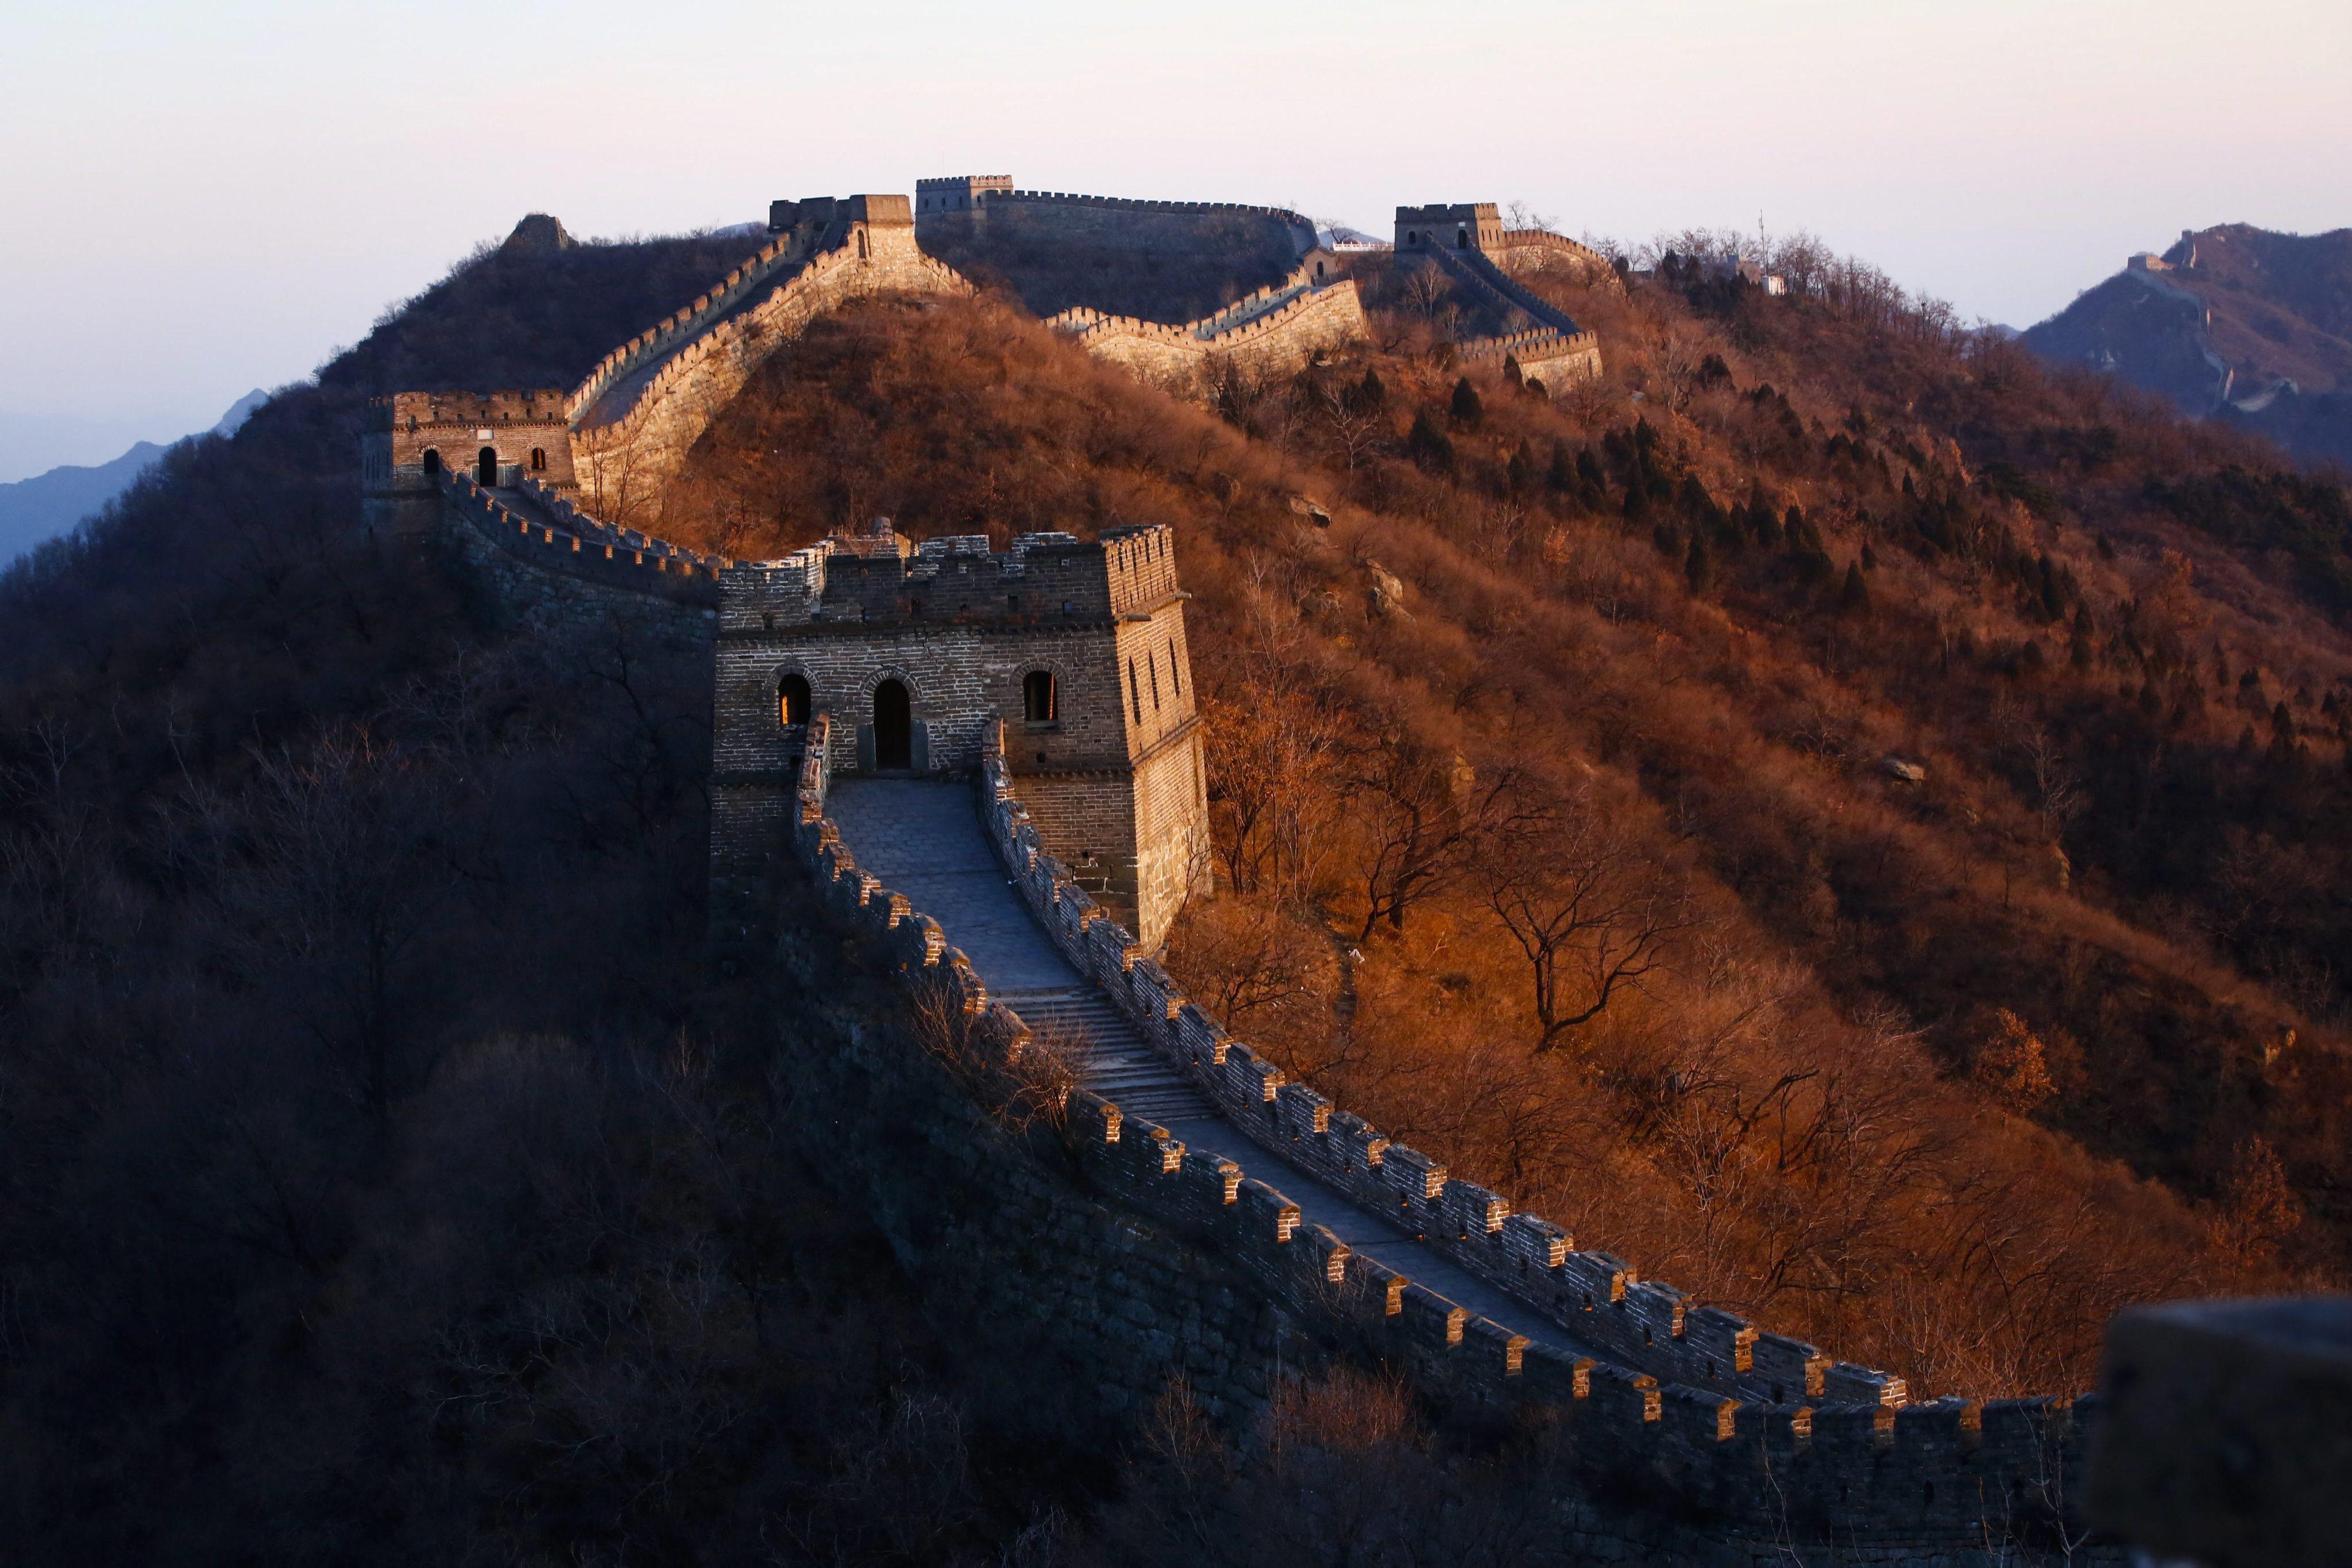 China anuncia encerramento de partes da Grande Muralha e outros monumentos